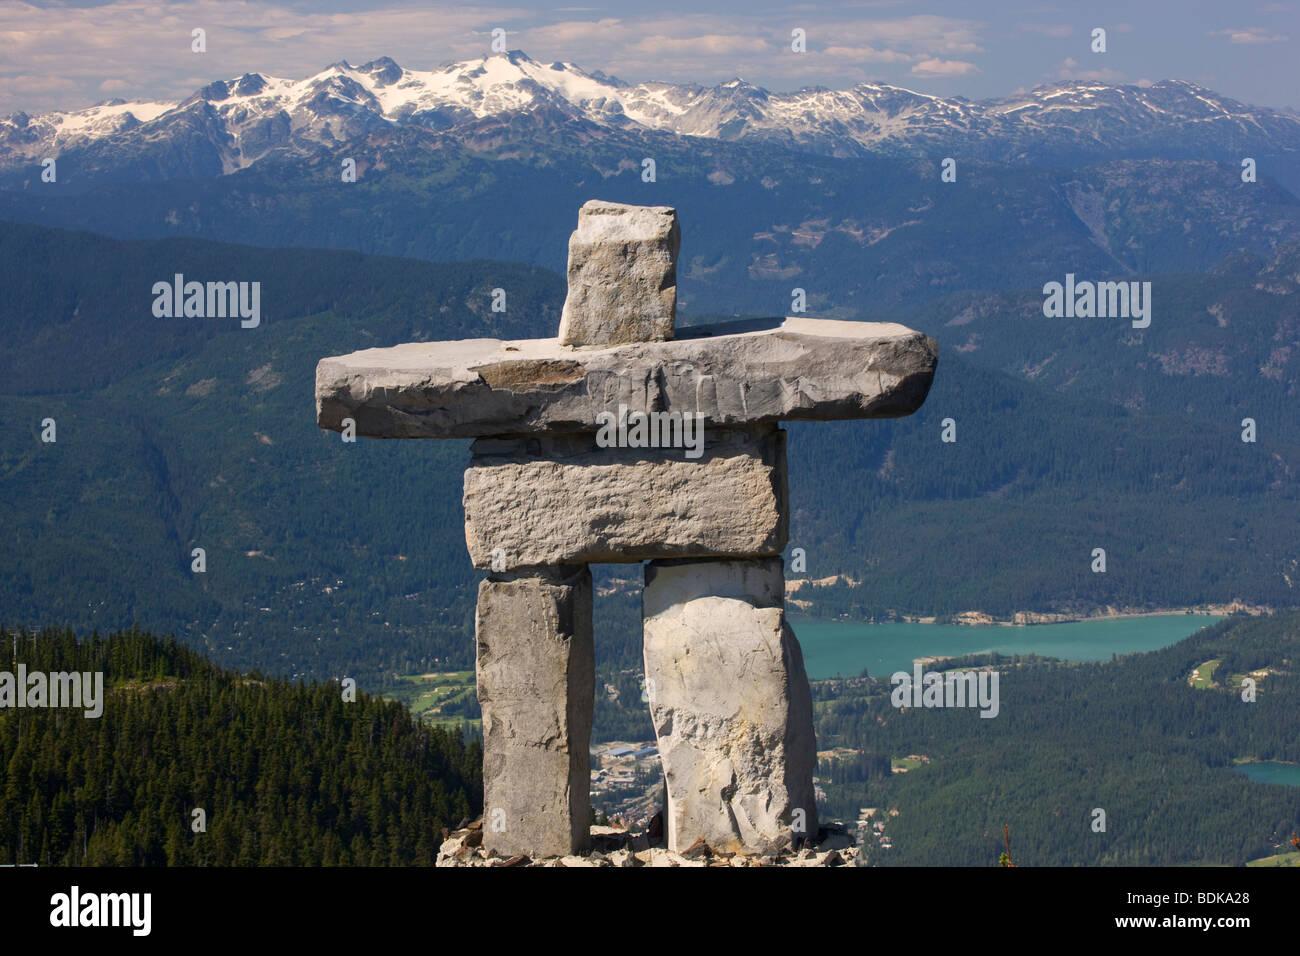 inukshuk whistler wwwpixsharkcom images galleries